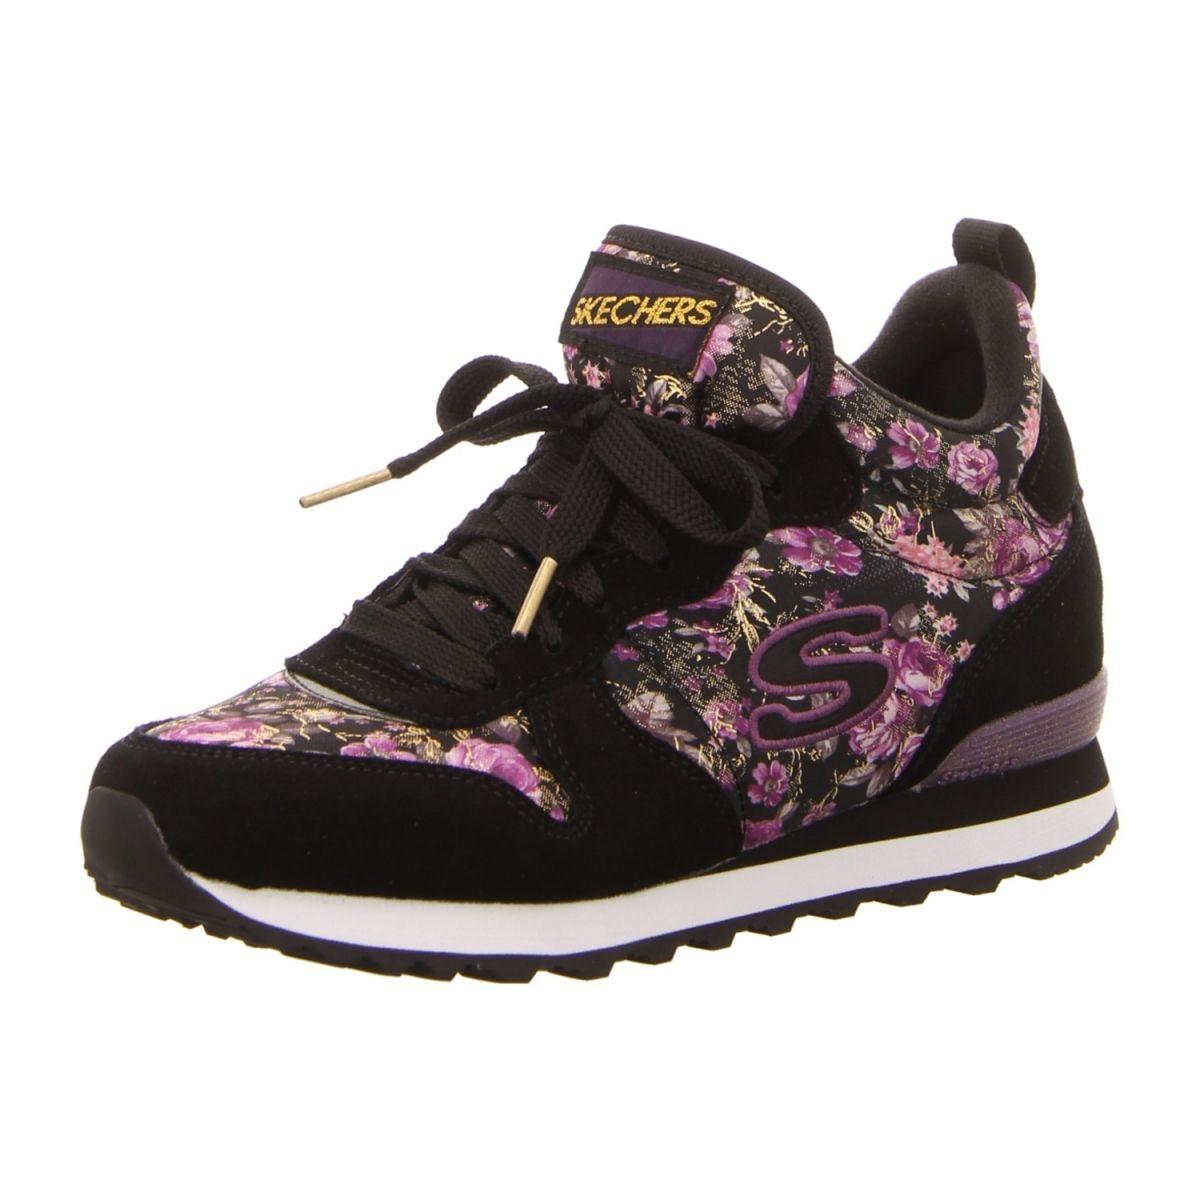 36584fd1db66 NEU  Skechers Sneaker OG85-HollywoodRose - 121 BKPR - black purple ...